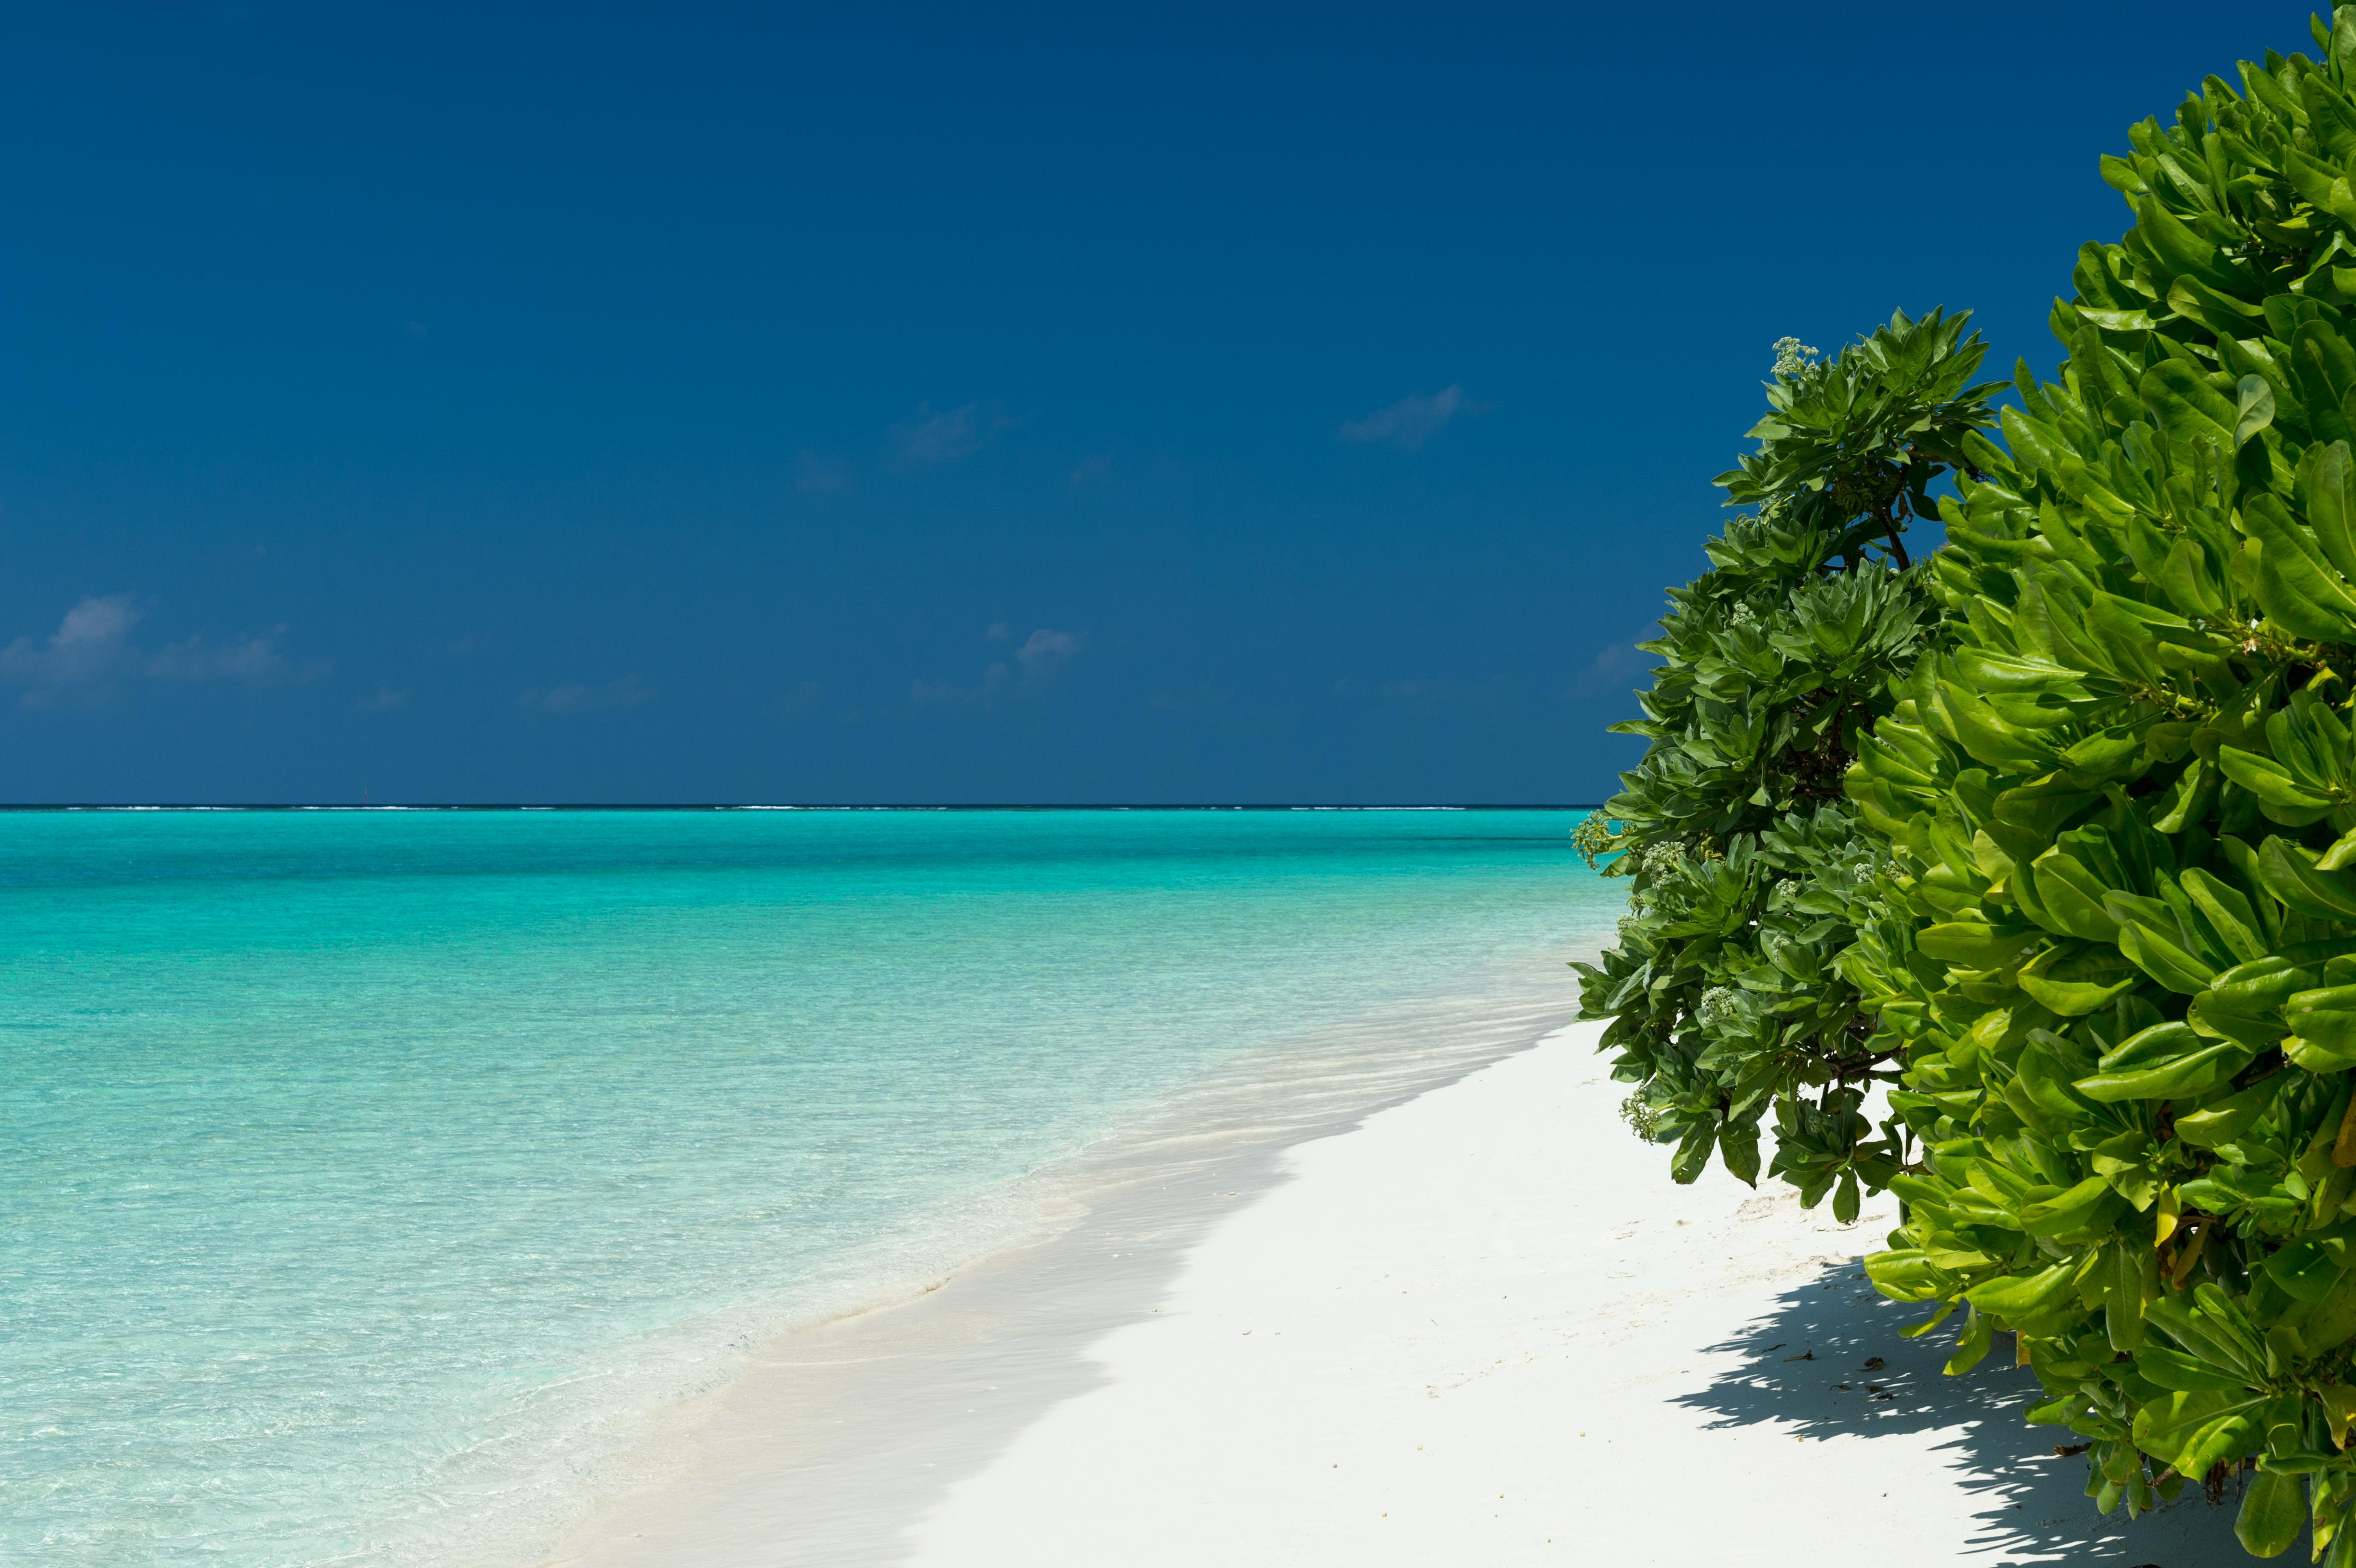 природа деревья отдых мальдивы бесплатно